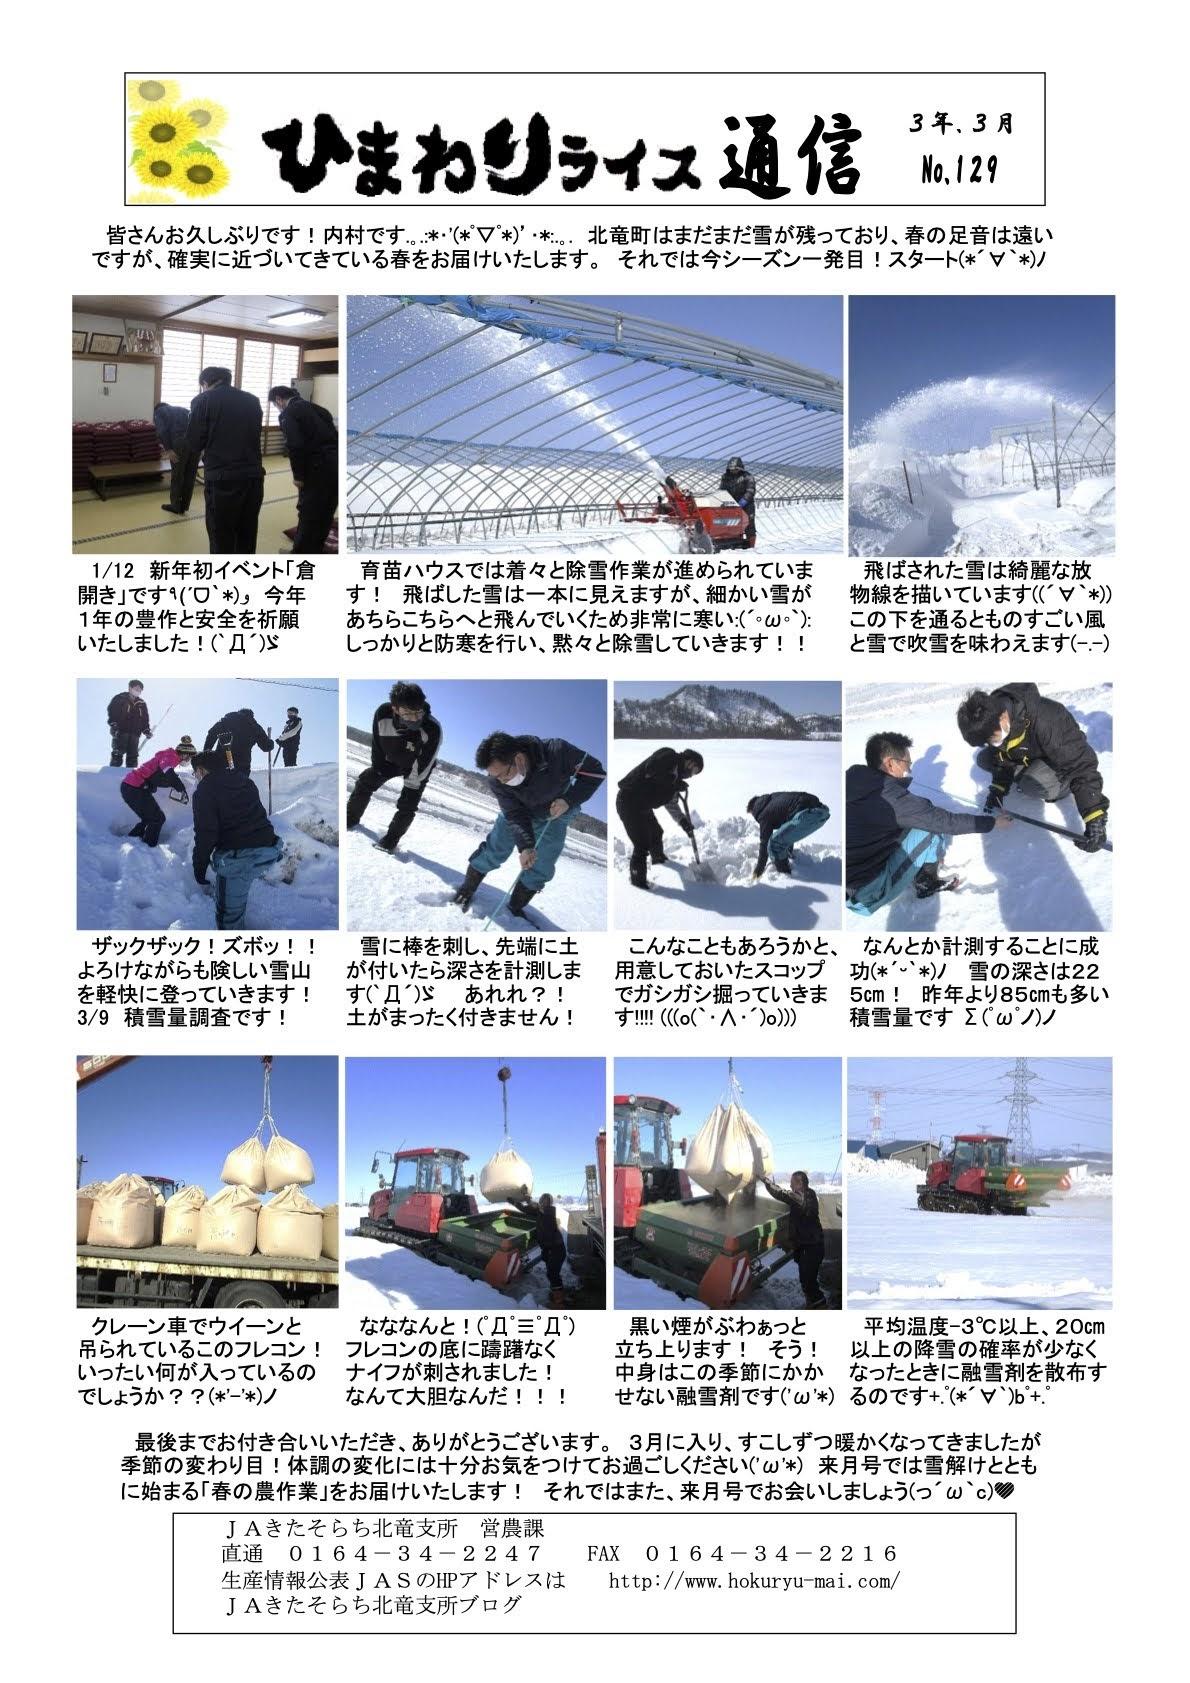 ひまわりライス通信 No.129・令和3年3月